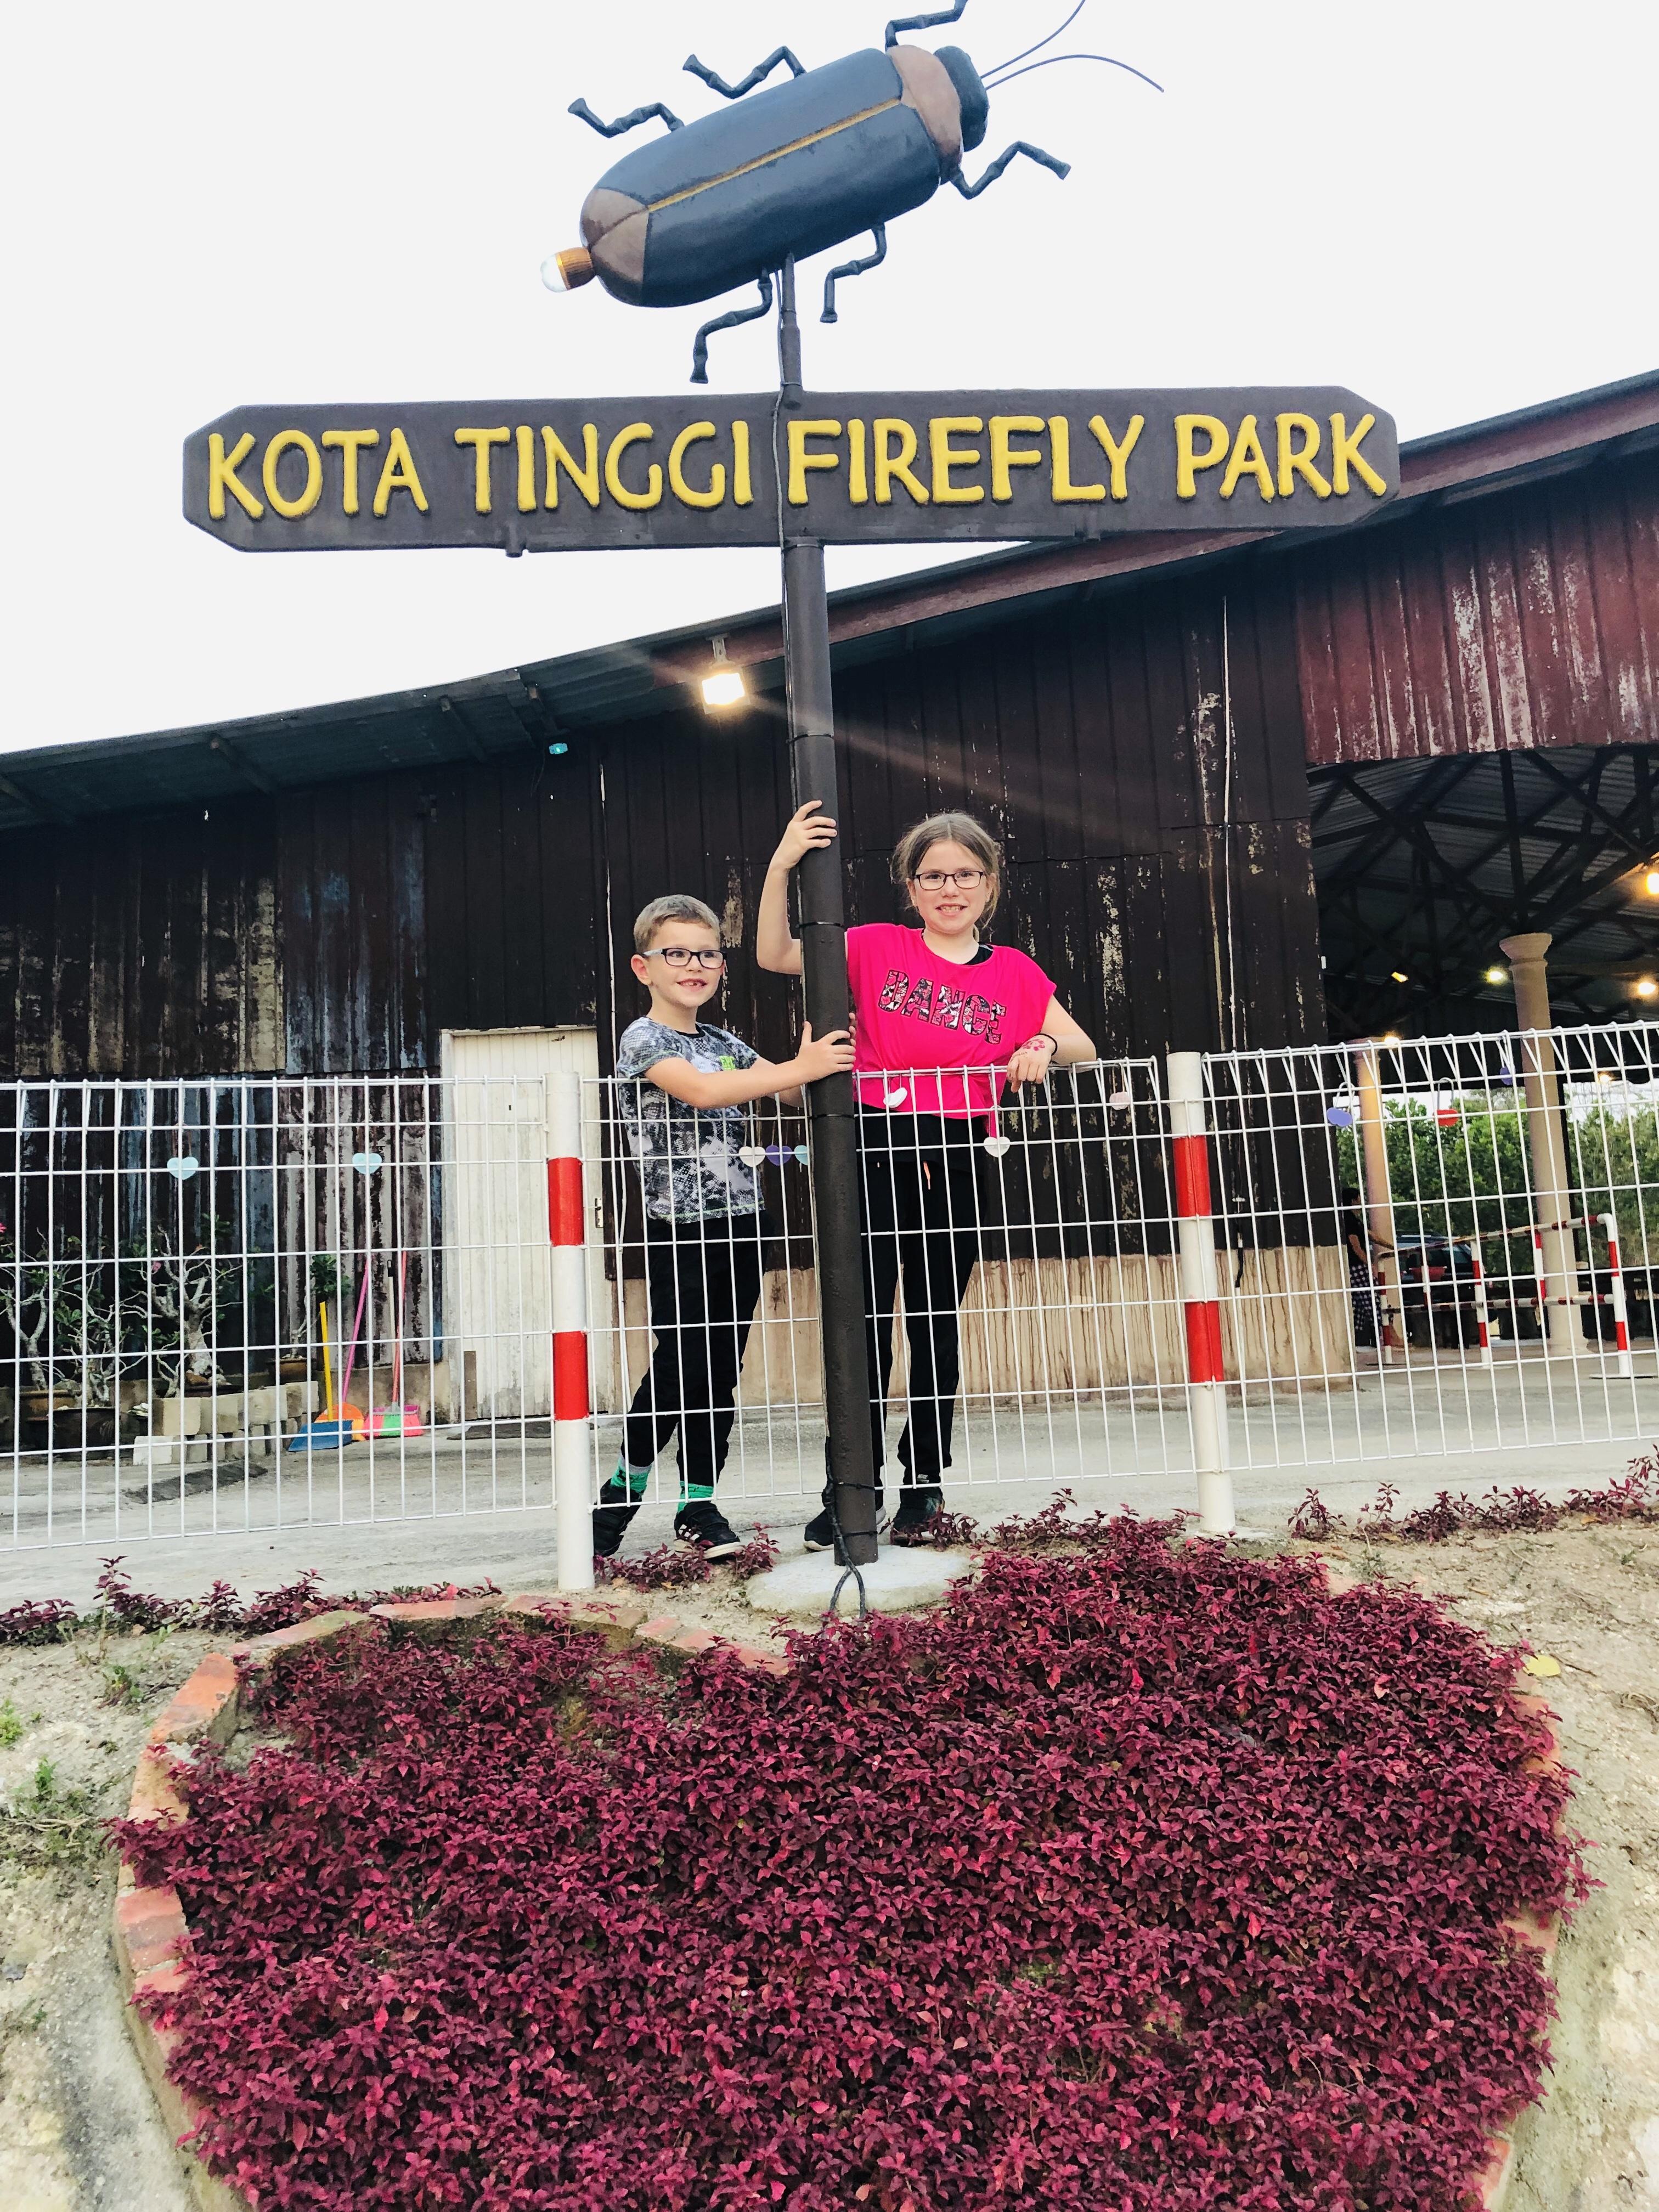 Kota Tinggi Firefly Park Johor